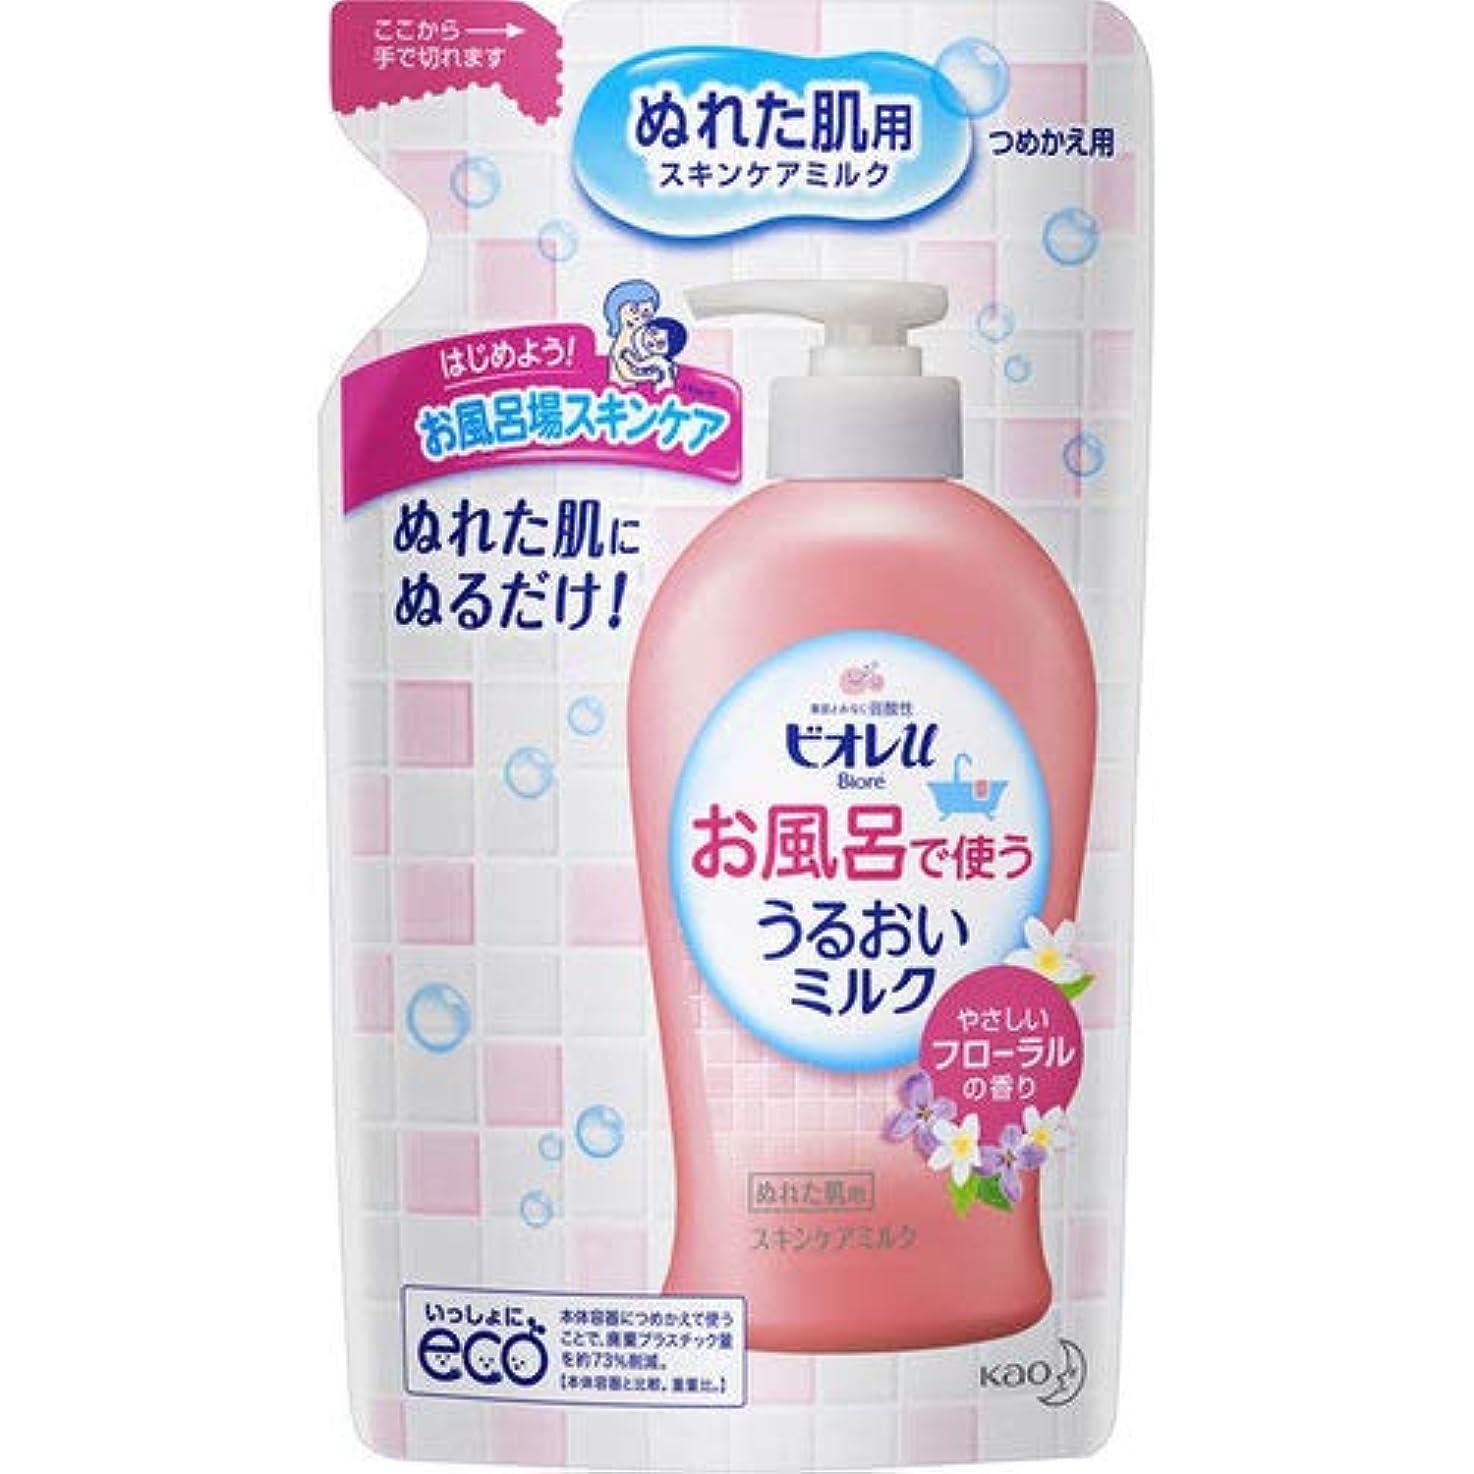 困惑床を掃除する槍ビオレu お風呂で使ううるおいミルク フローラル つめかえ用 250mL